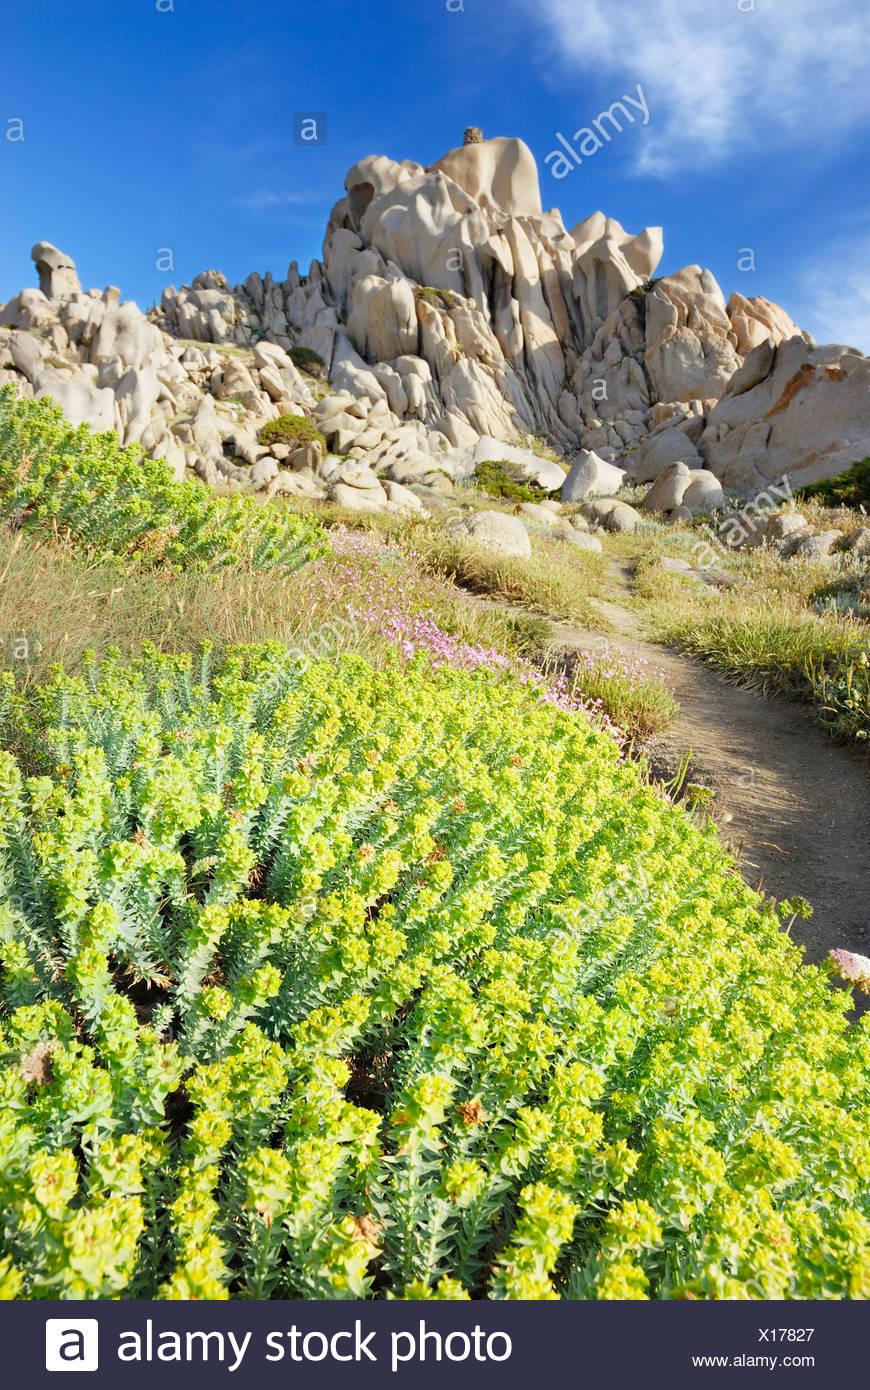 Fiori Gialli In Sardegna.Fiori Gialli Di Mare Euforbia Euphorbia Paralias L Linea